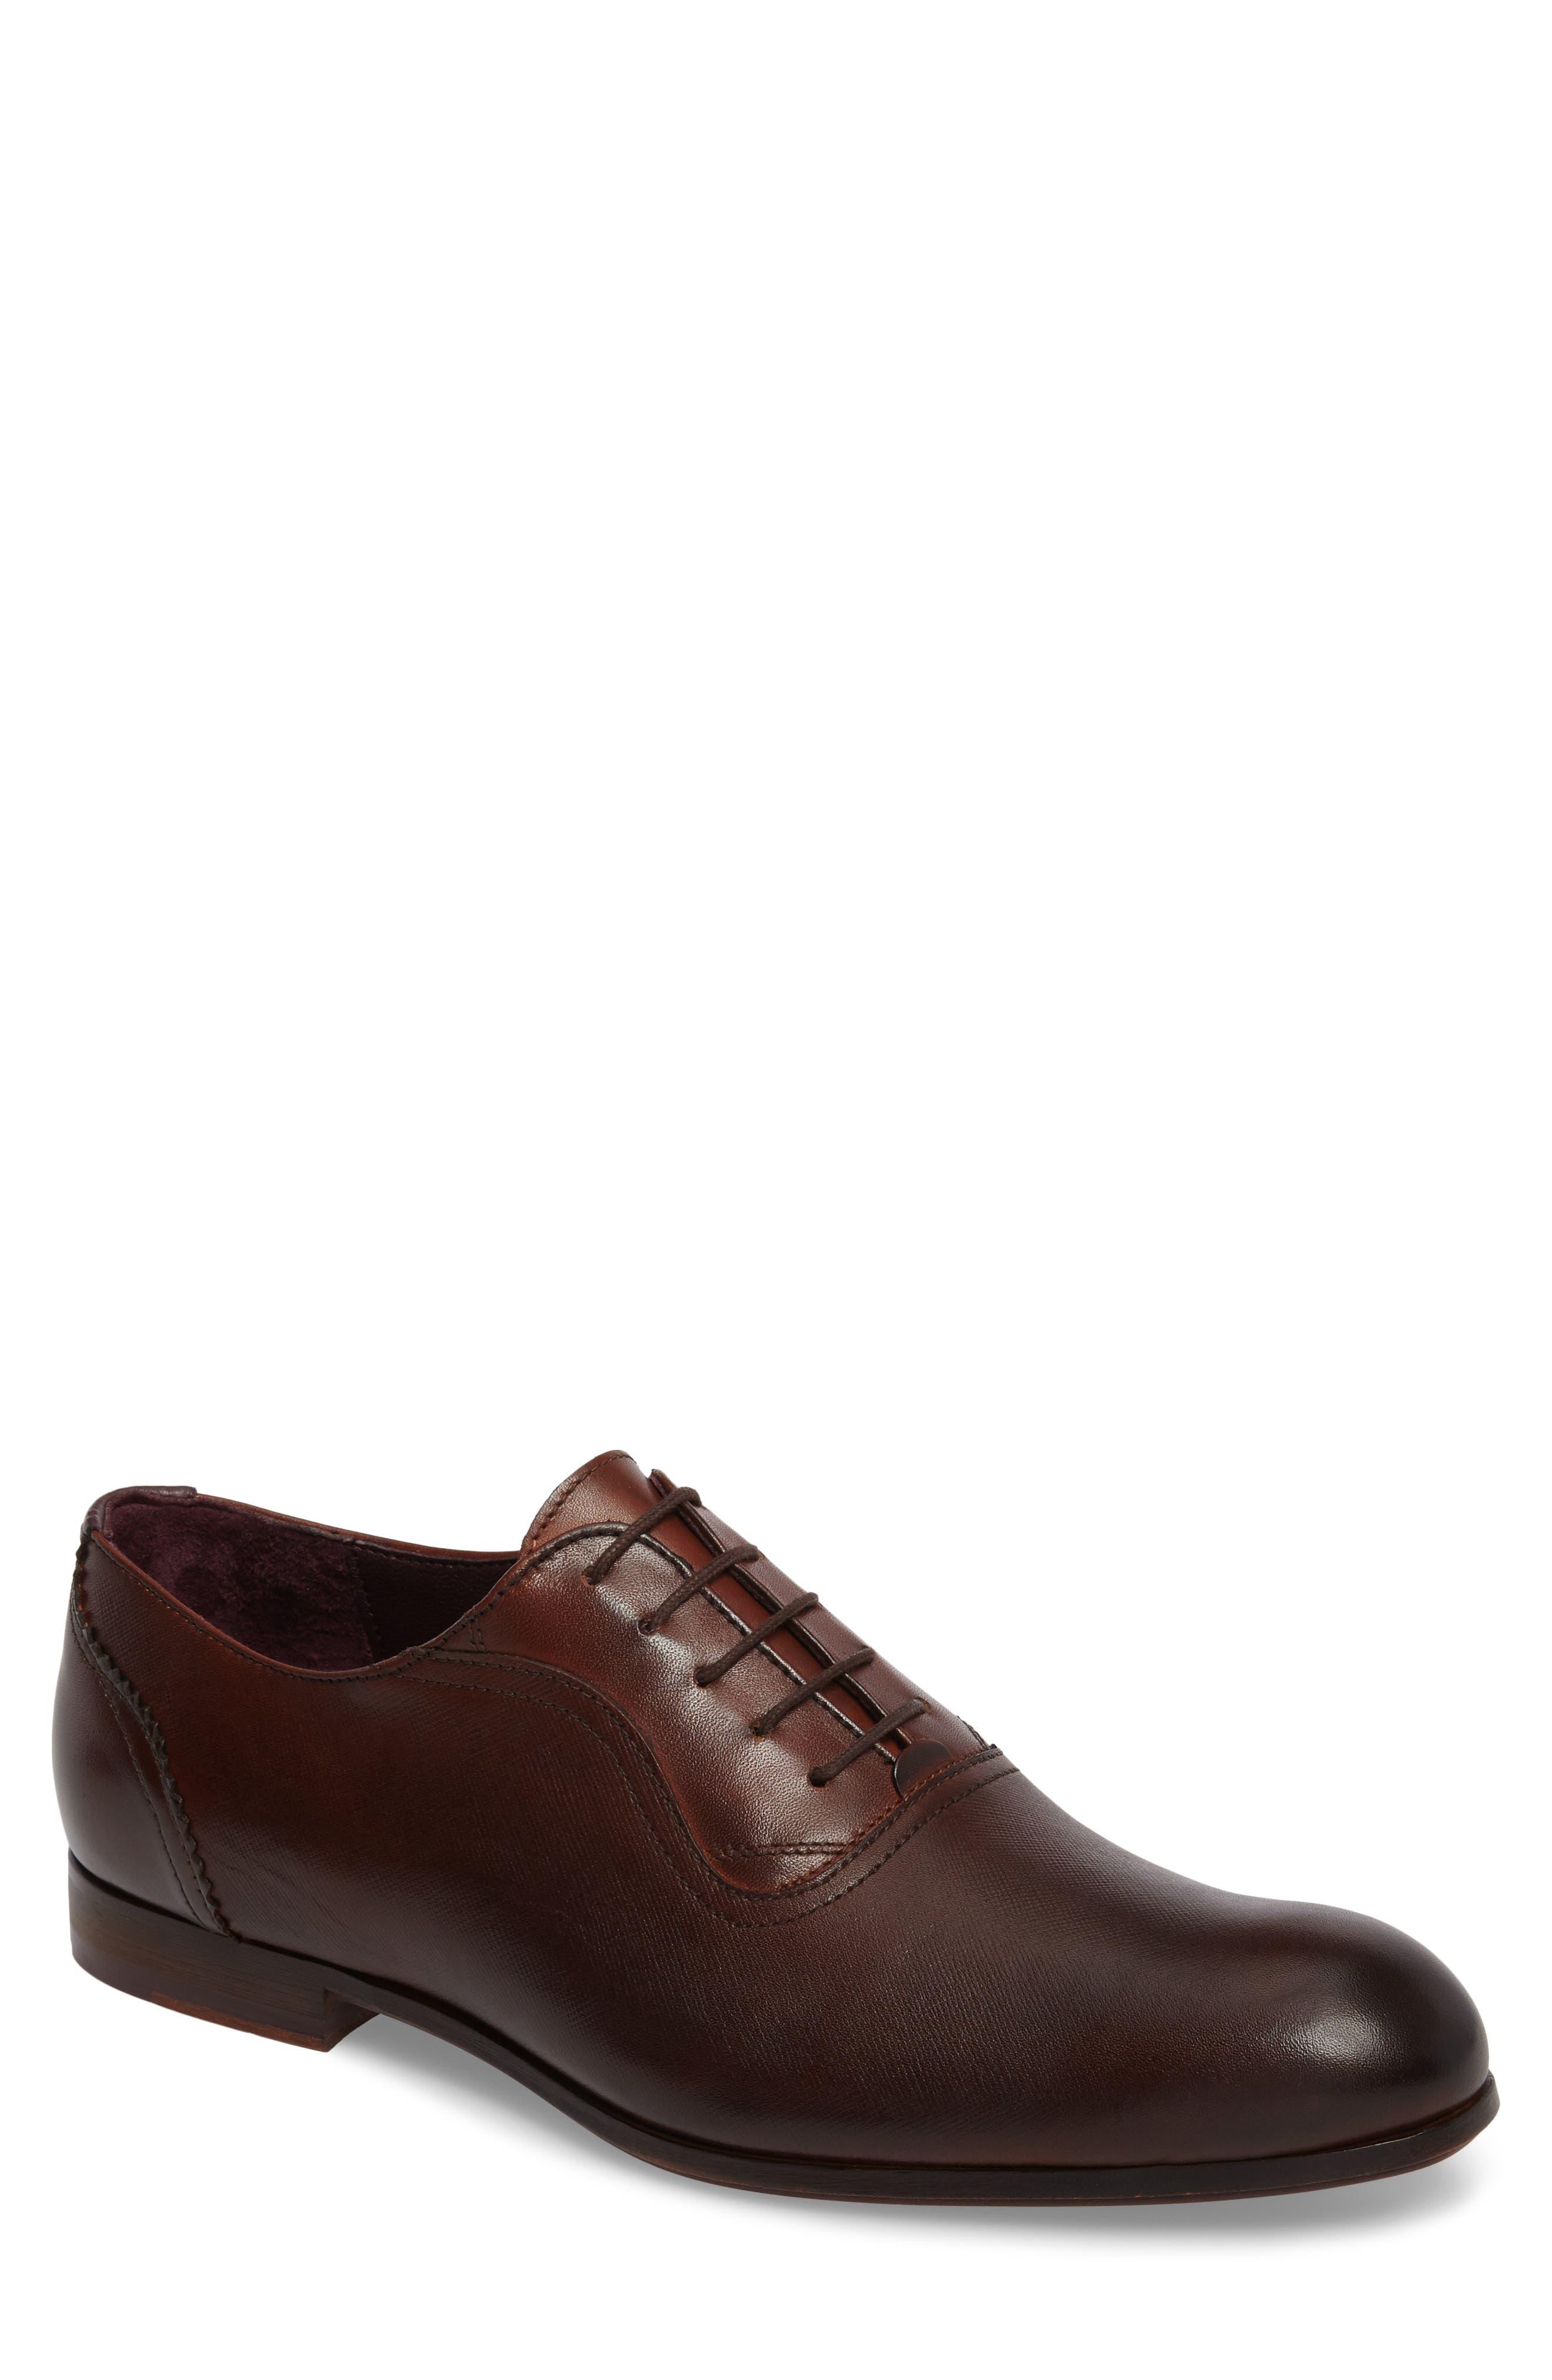 Ted Baker London Haigh Plain Toe Oxford (Men)